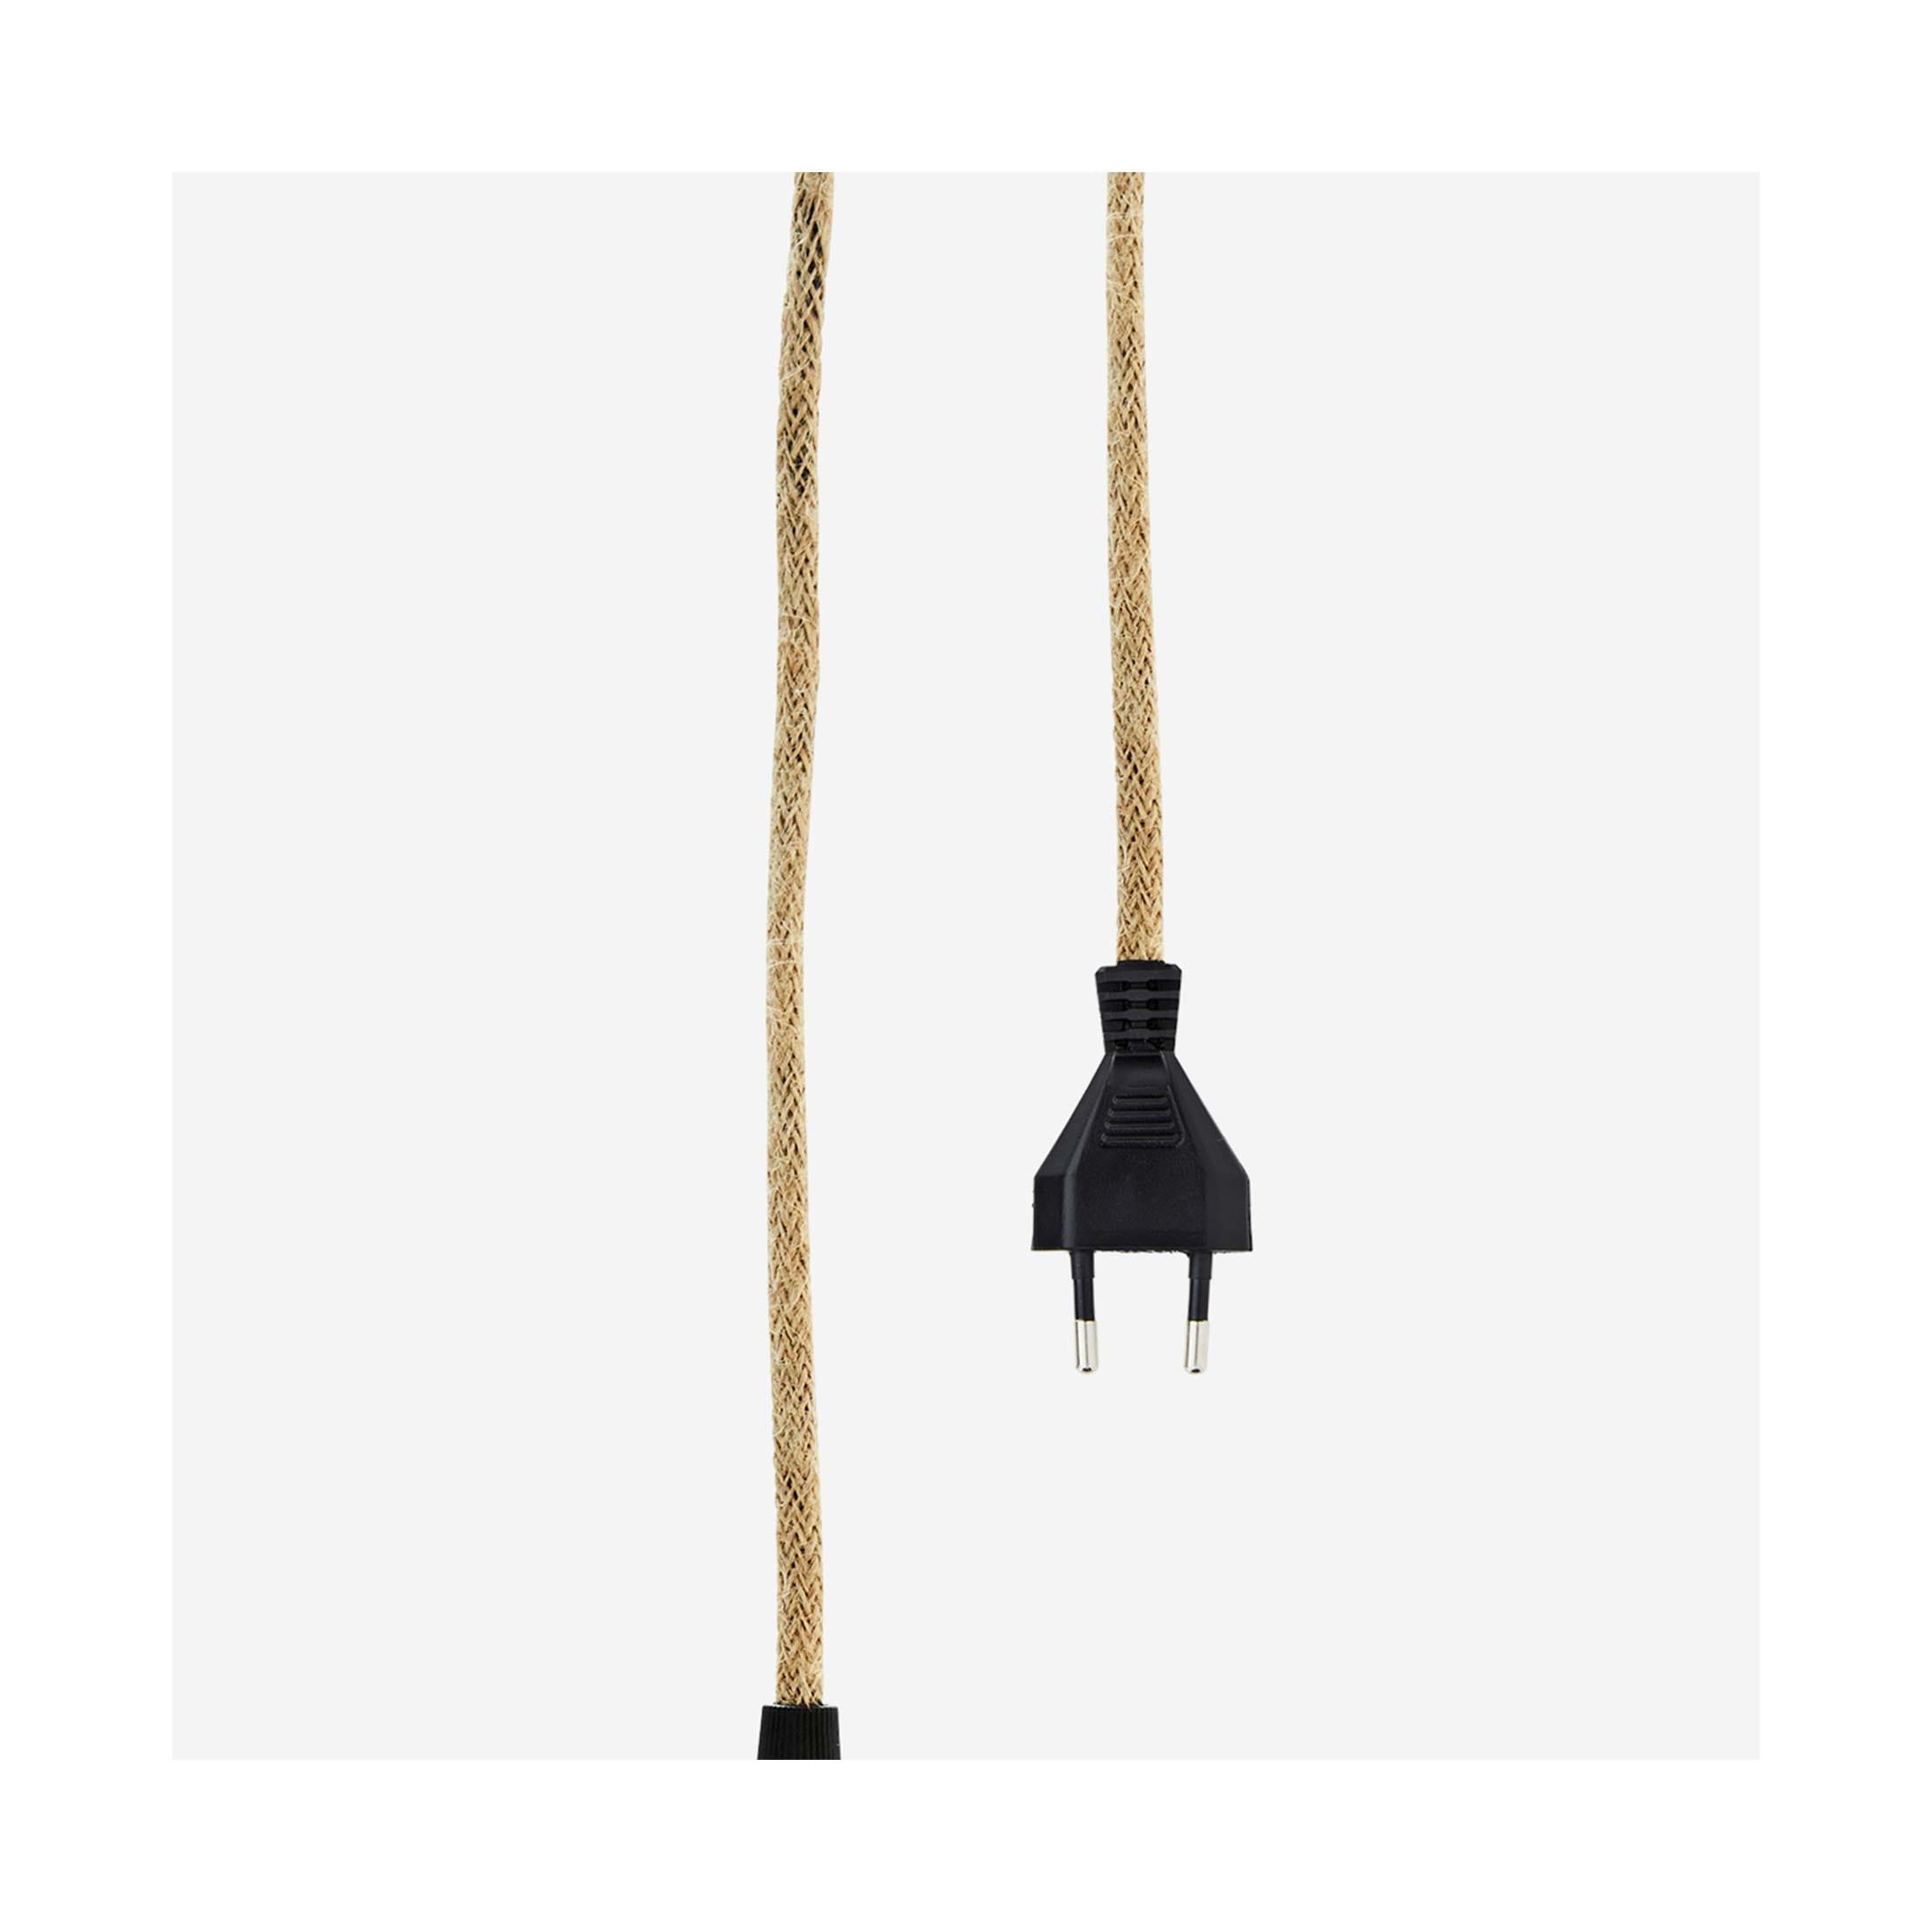 Lampenfassung mit Kabel aus Seil für E27 Glühbirnen und alle Madam Stoltz Lampen. Hübsche Lampenkabel aus Jute für dezente Elektrik online kaufen bei Soulbirdee Onlineshop